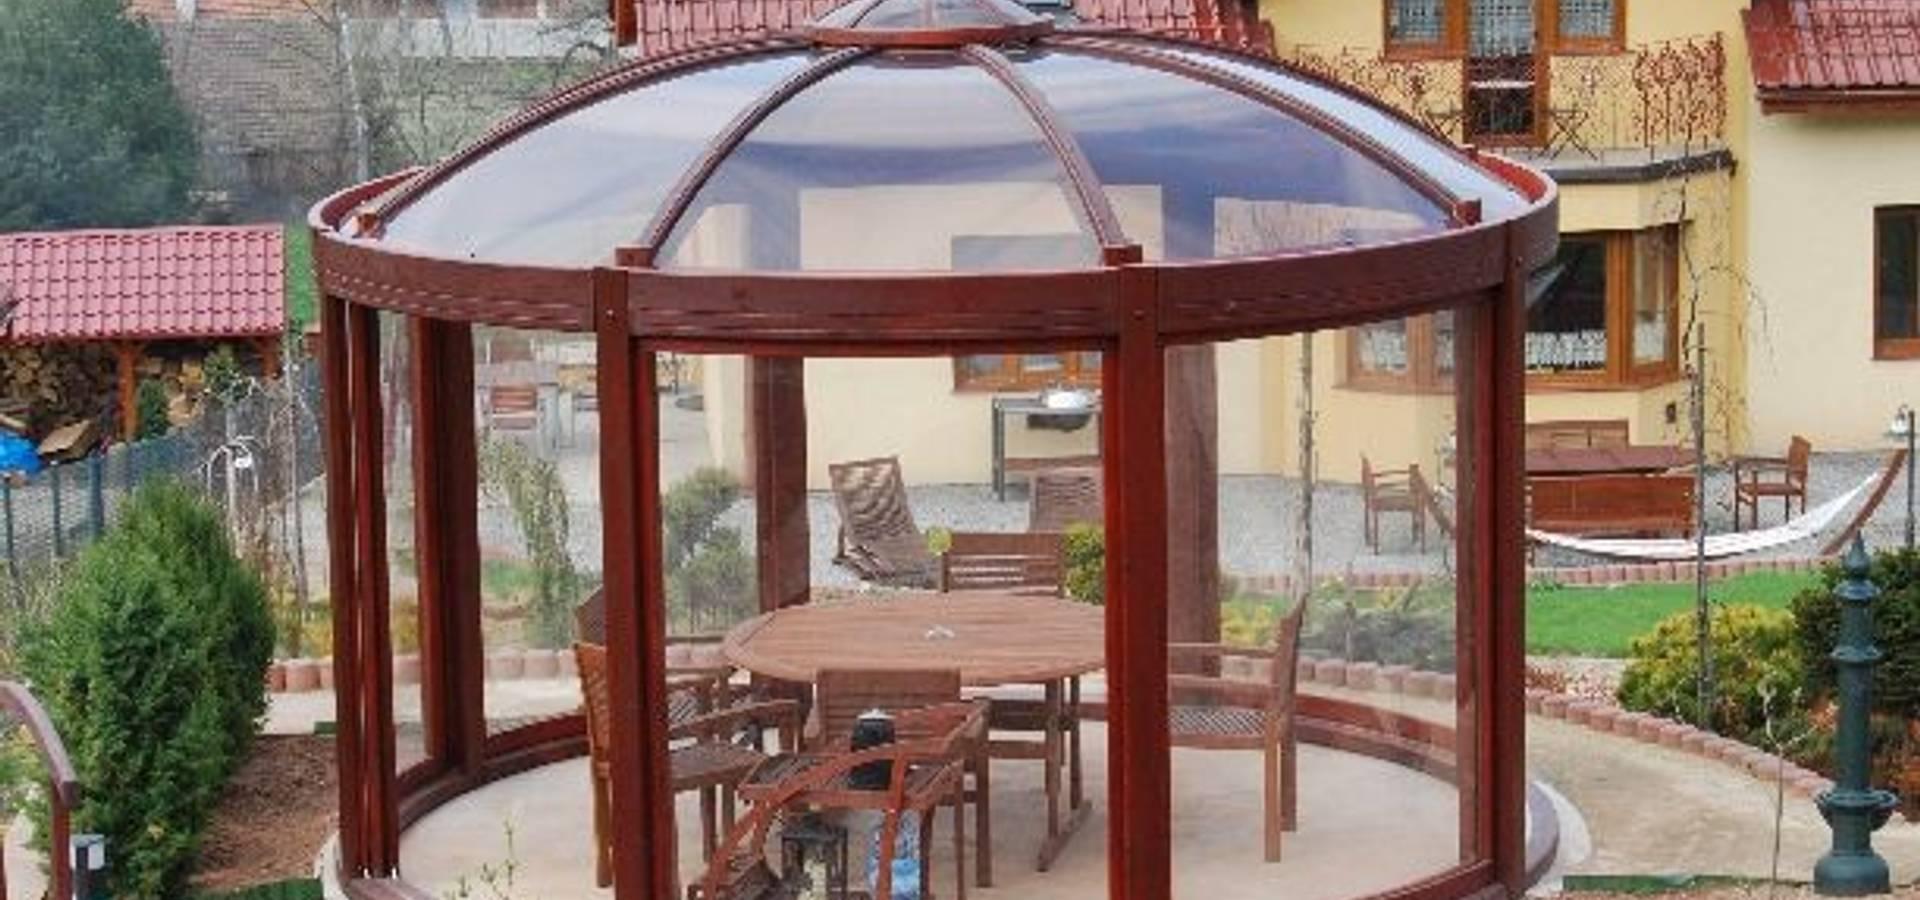 EcoCurves – Bespoke Glulam Timber Arches